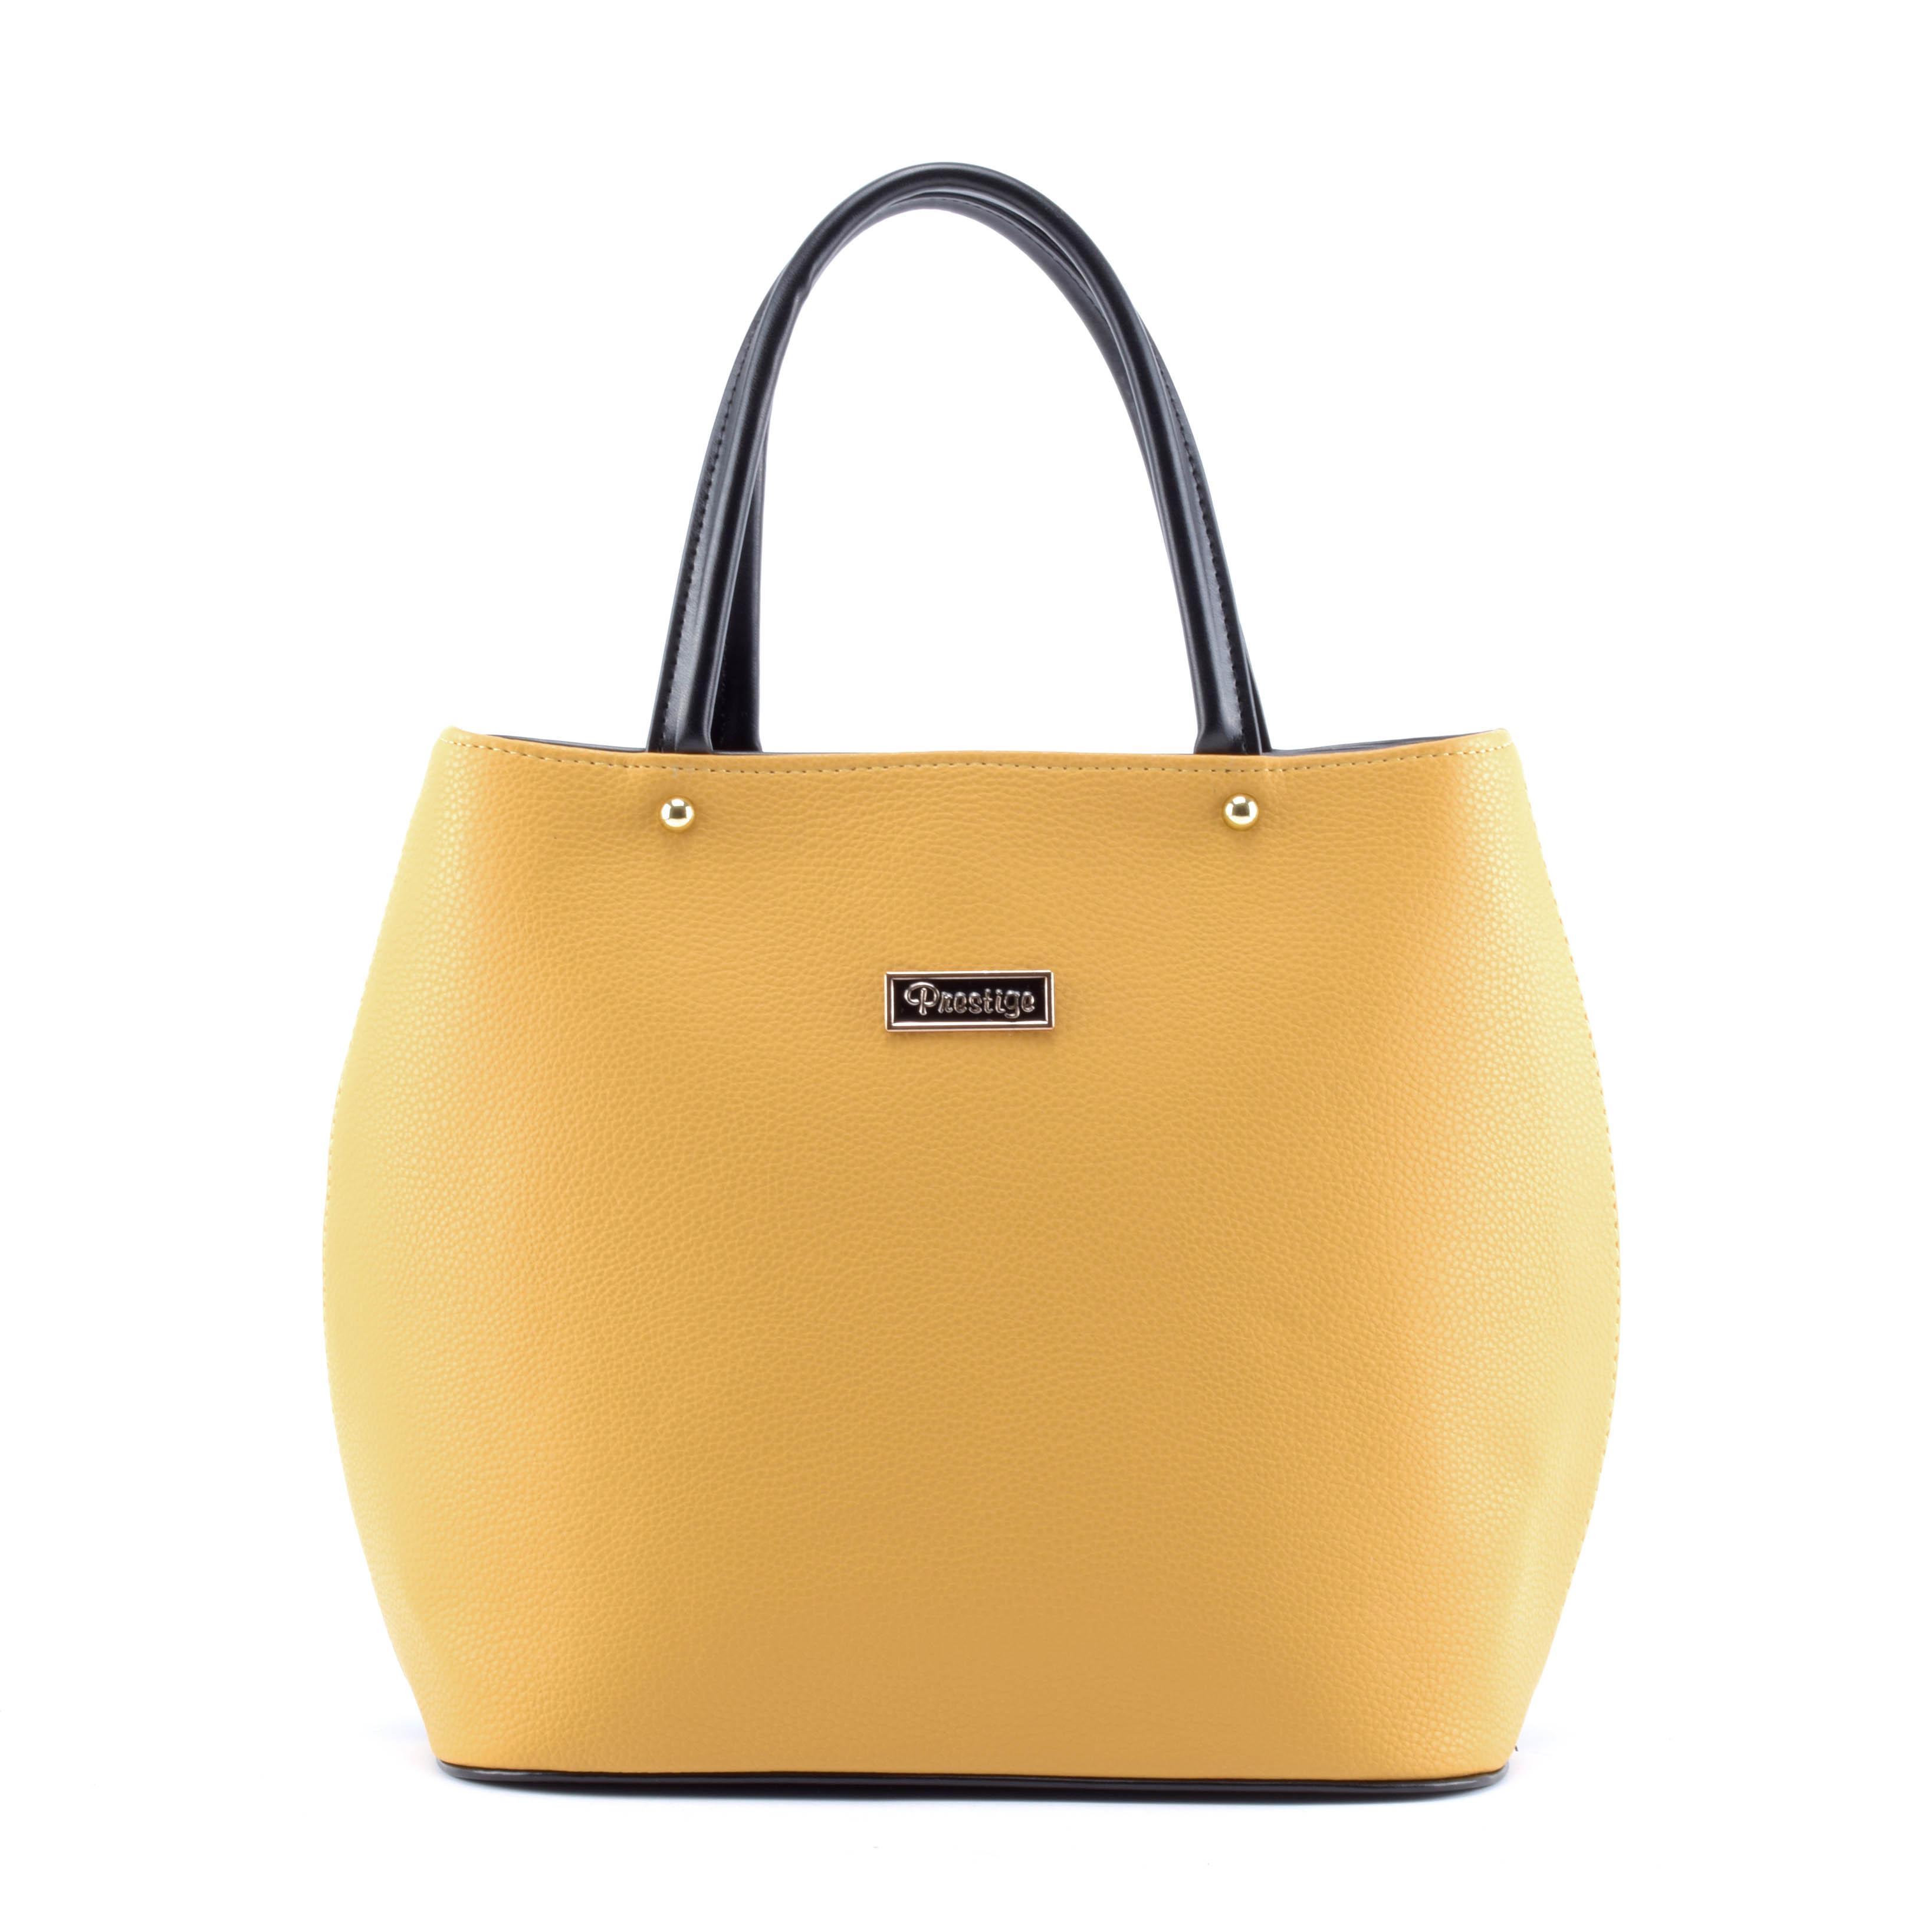 89bd5cf01fef Prestige Sárga Női Rostbőr Válltáska - Válltáskák - Táska webáruház -  Minőségi táskák mindenkinek